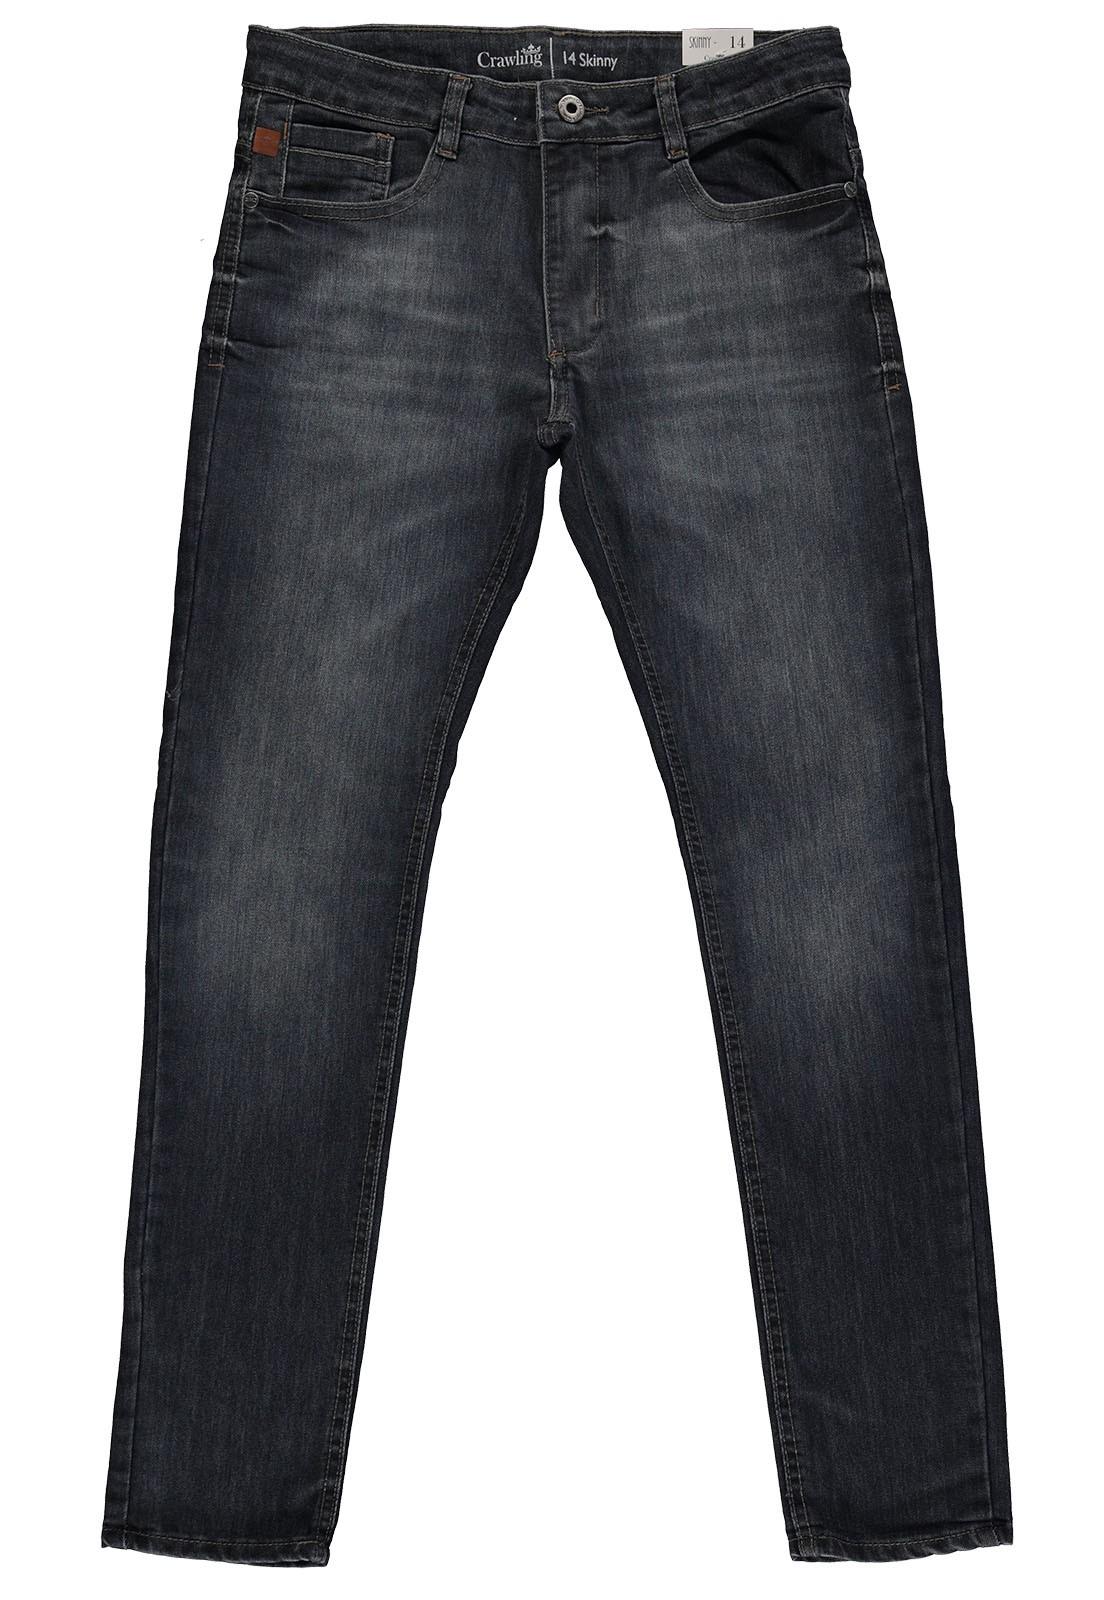 Calça Skinny Masculina Crawling Jeans